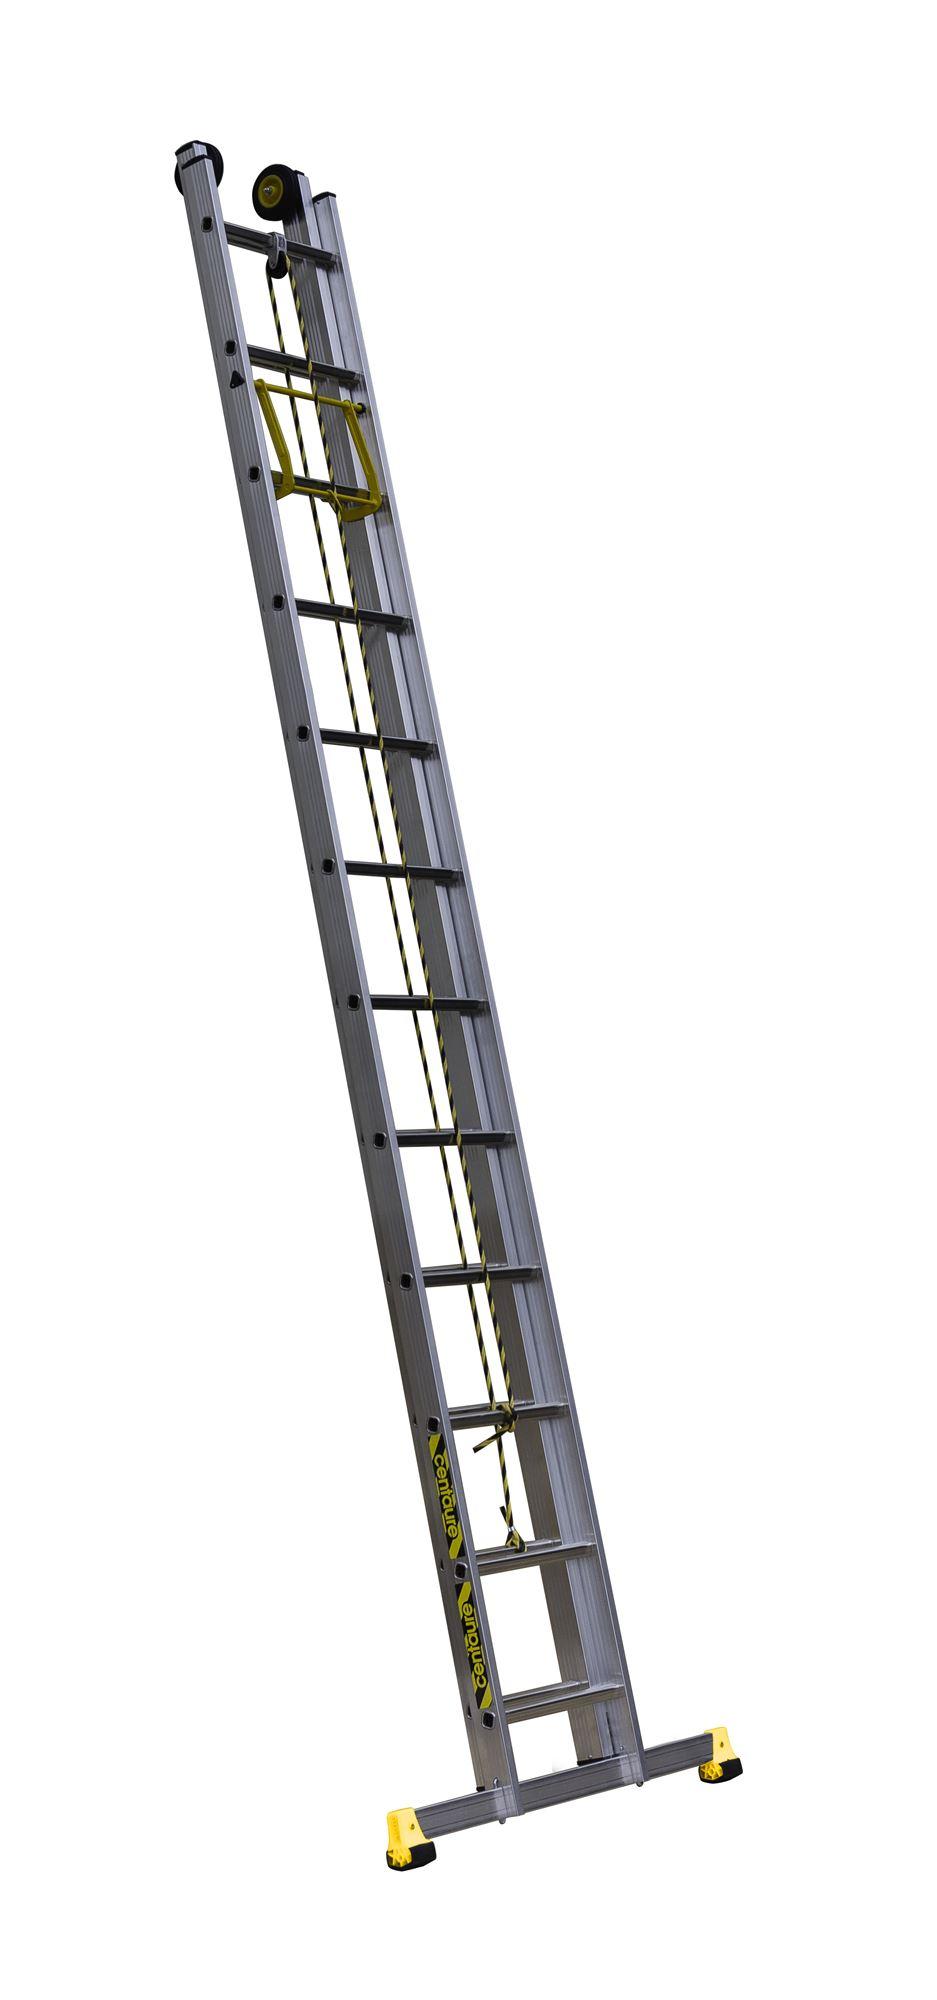 echelle coulissante centaure 2 plans corde 6m telescopique. Black Bedroom Furniture Sets. Home Design Ideas